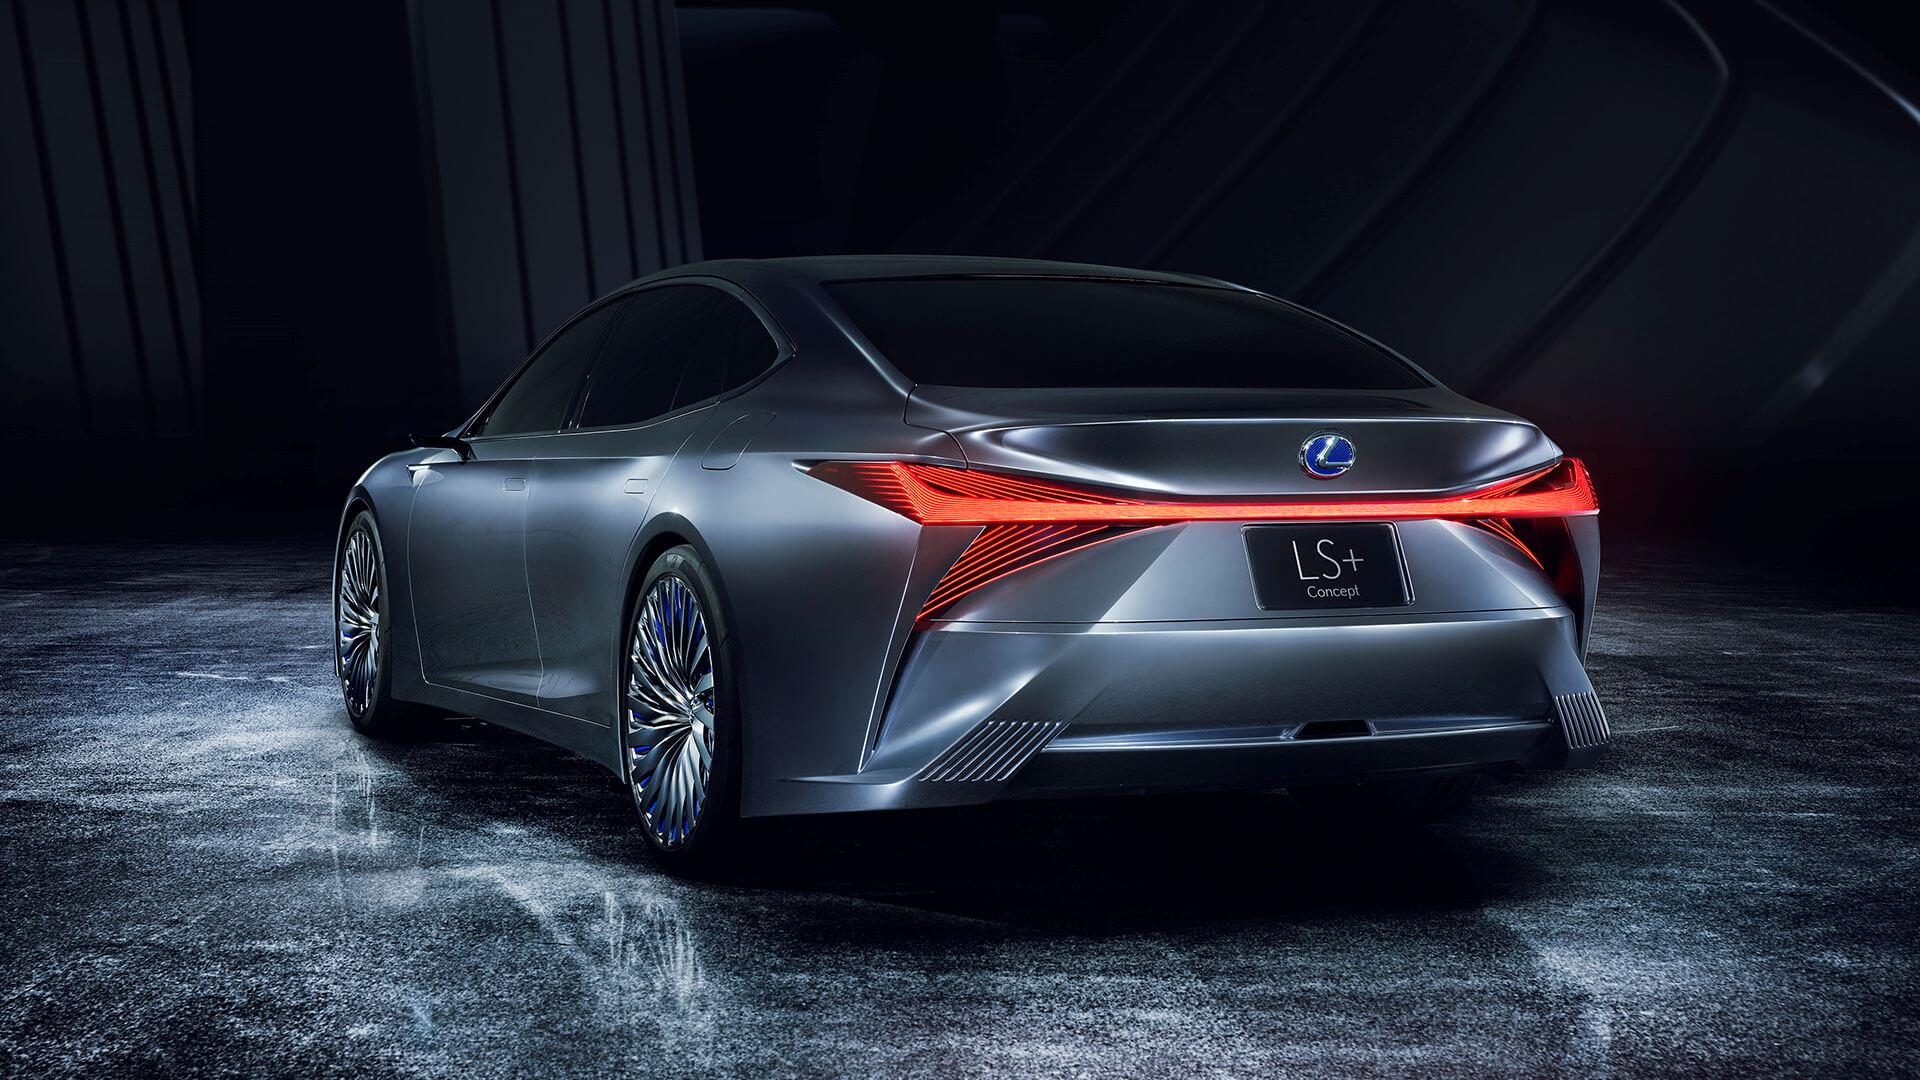 lexus ls concept tokyo motor show gallery 009